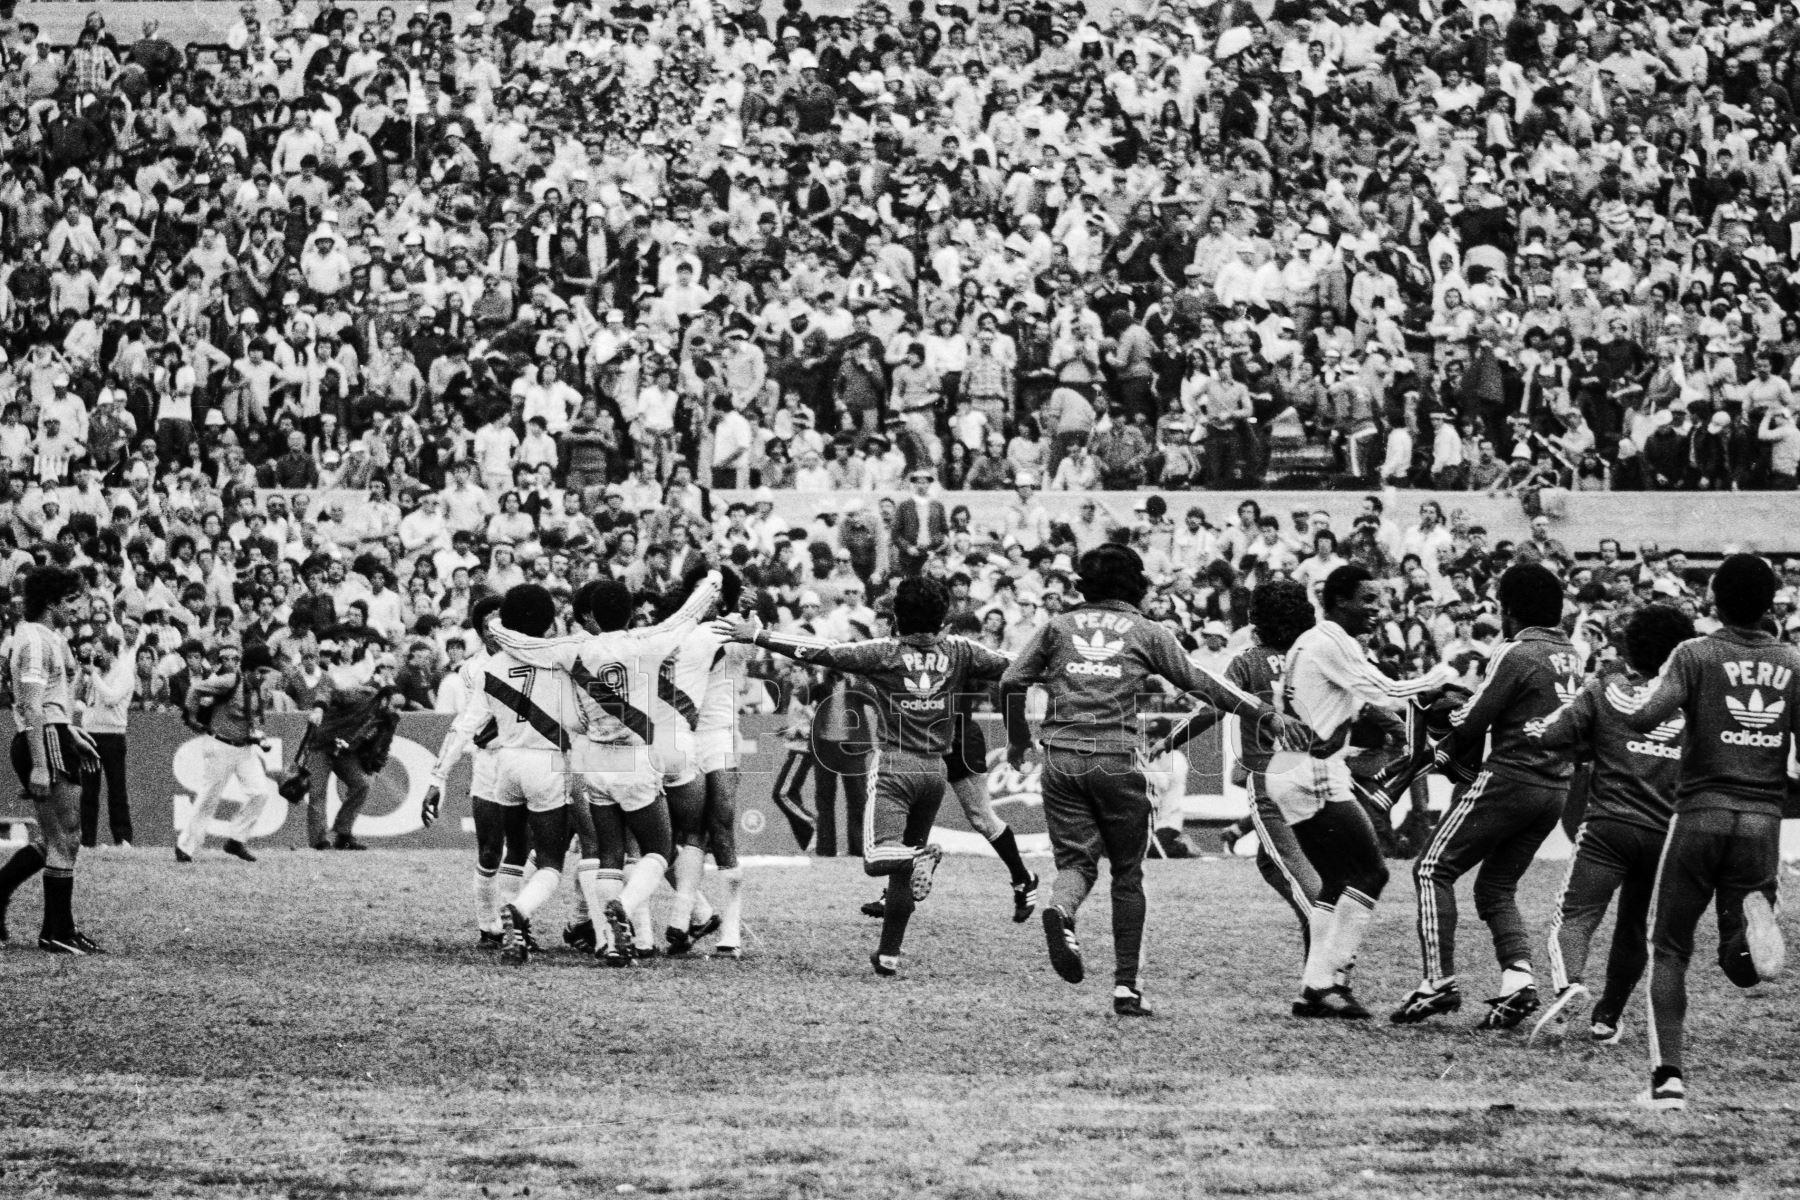 Montevideo, Uruguay - 23 agosto 1981 / Perú alcanzó la punta del Grupo 2 de las eliminatorias sudamericanas  para el Mundial de España 82 al vencer a Uruguay por 2-1 y quedó a sólo un punto de clasificar. Los jugadores peruanos celebran en el mítico estadio Centenario.Foto: Archivo El Peruano/ Rómulo Luján